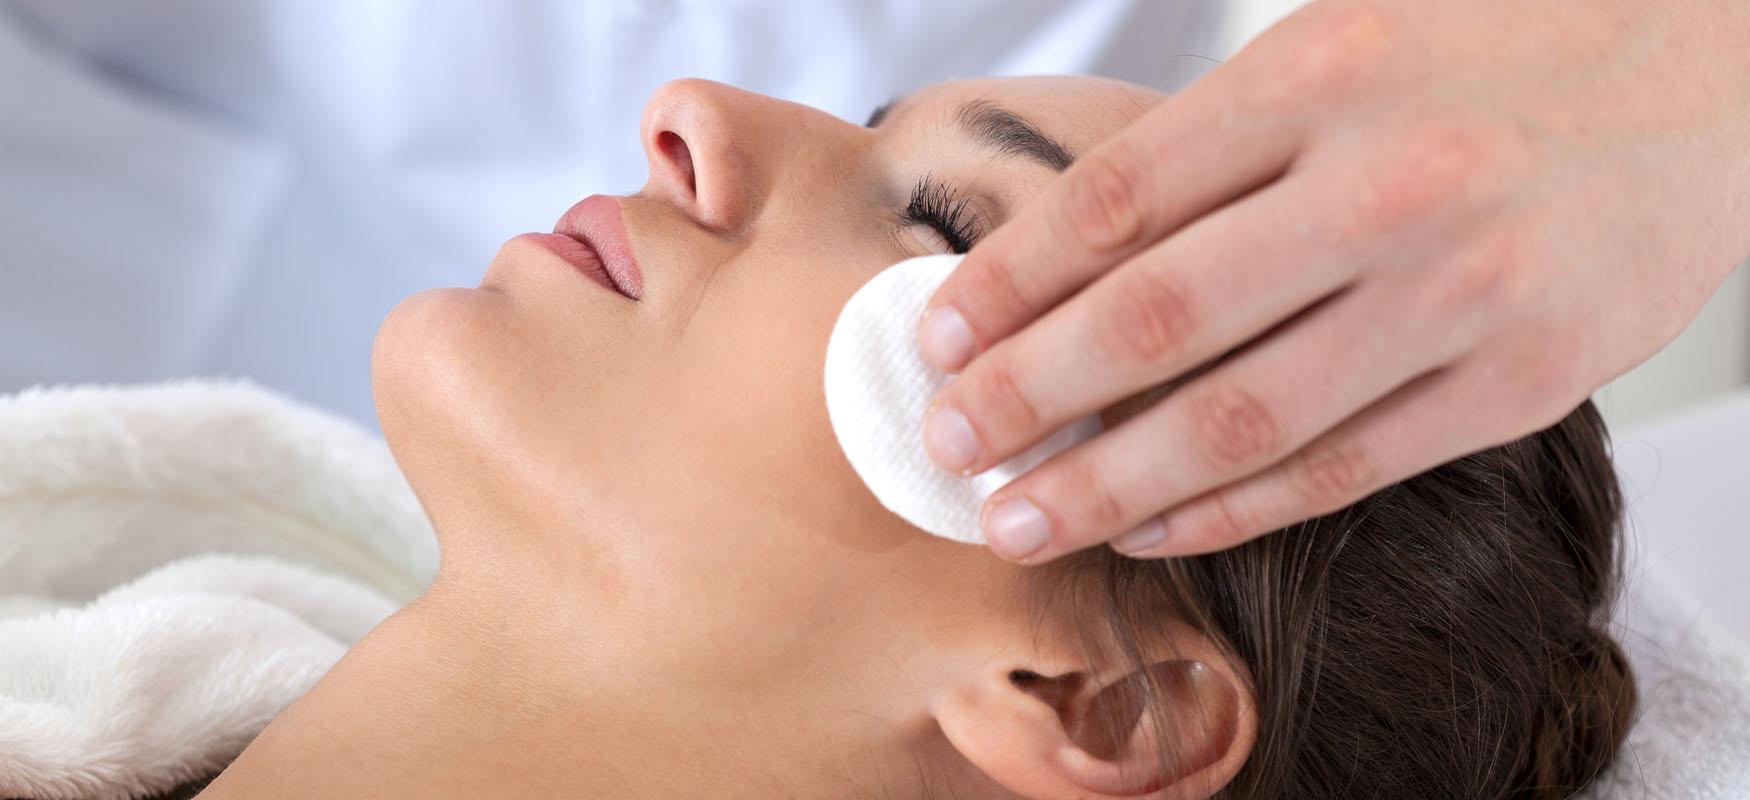 Oczyszczanie twarzy: ukosmetologa czywdomu?